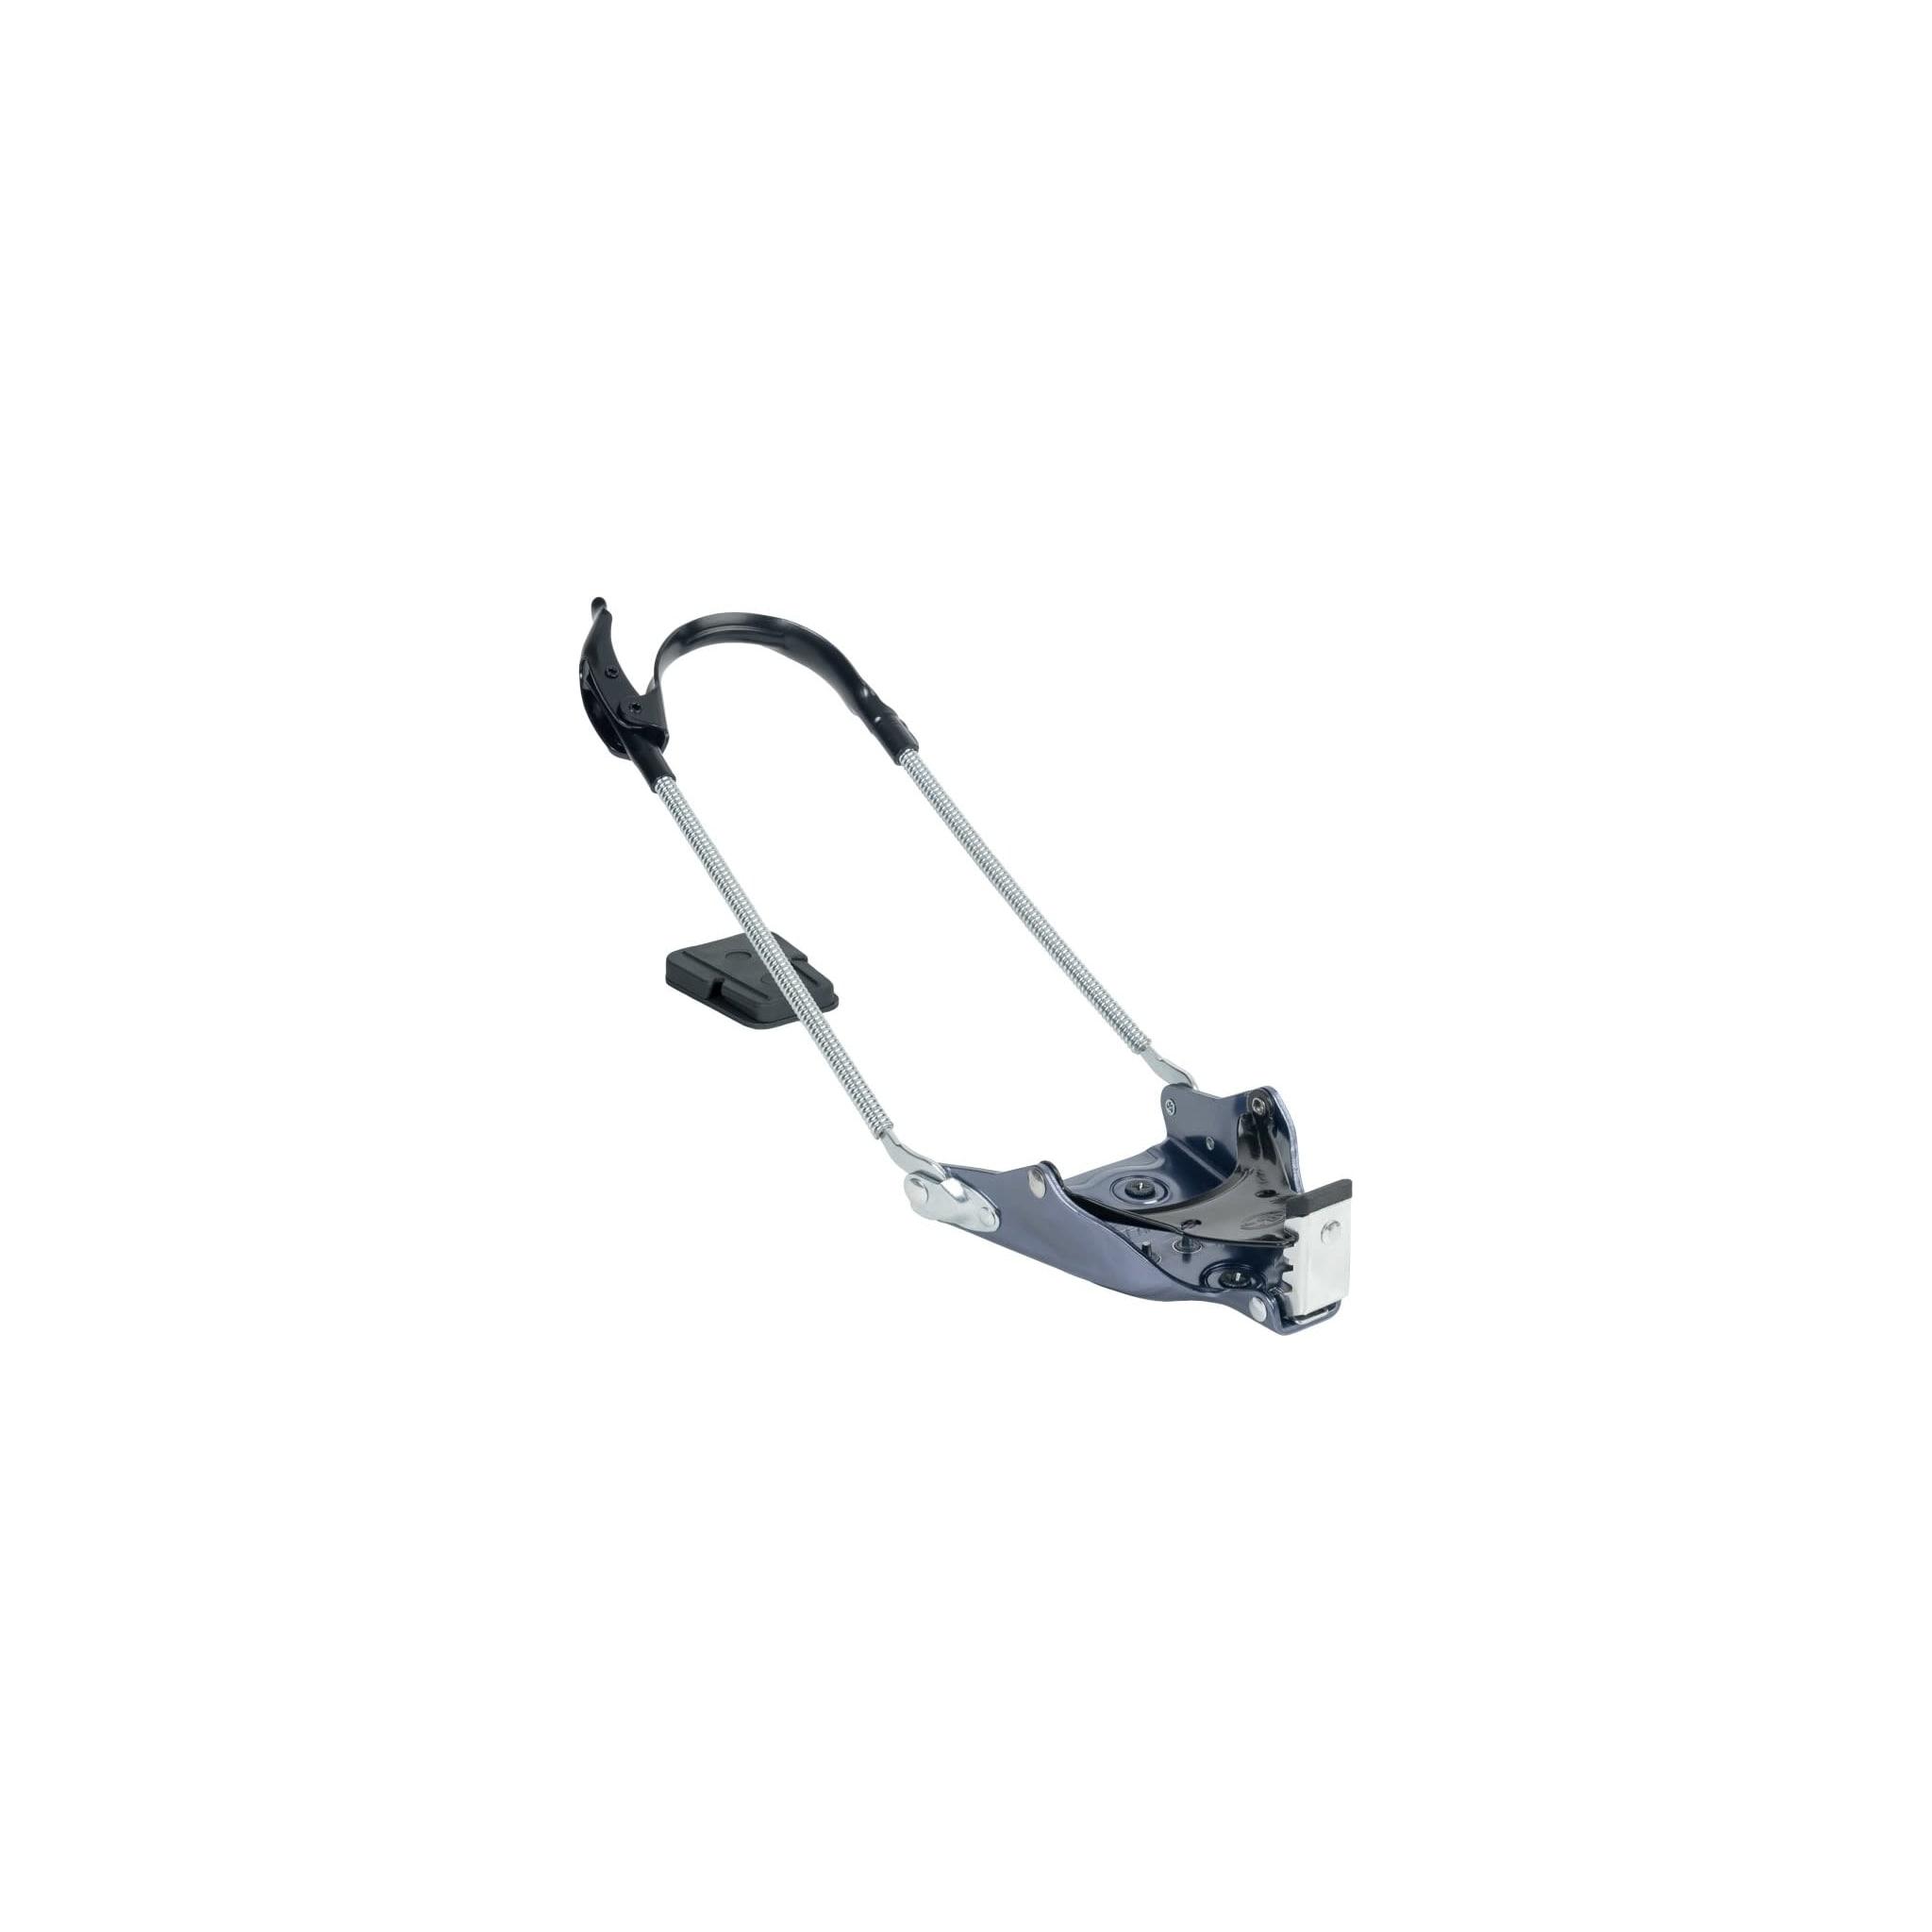 75mm telemarkbinding med avtagbar kabel